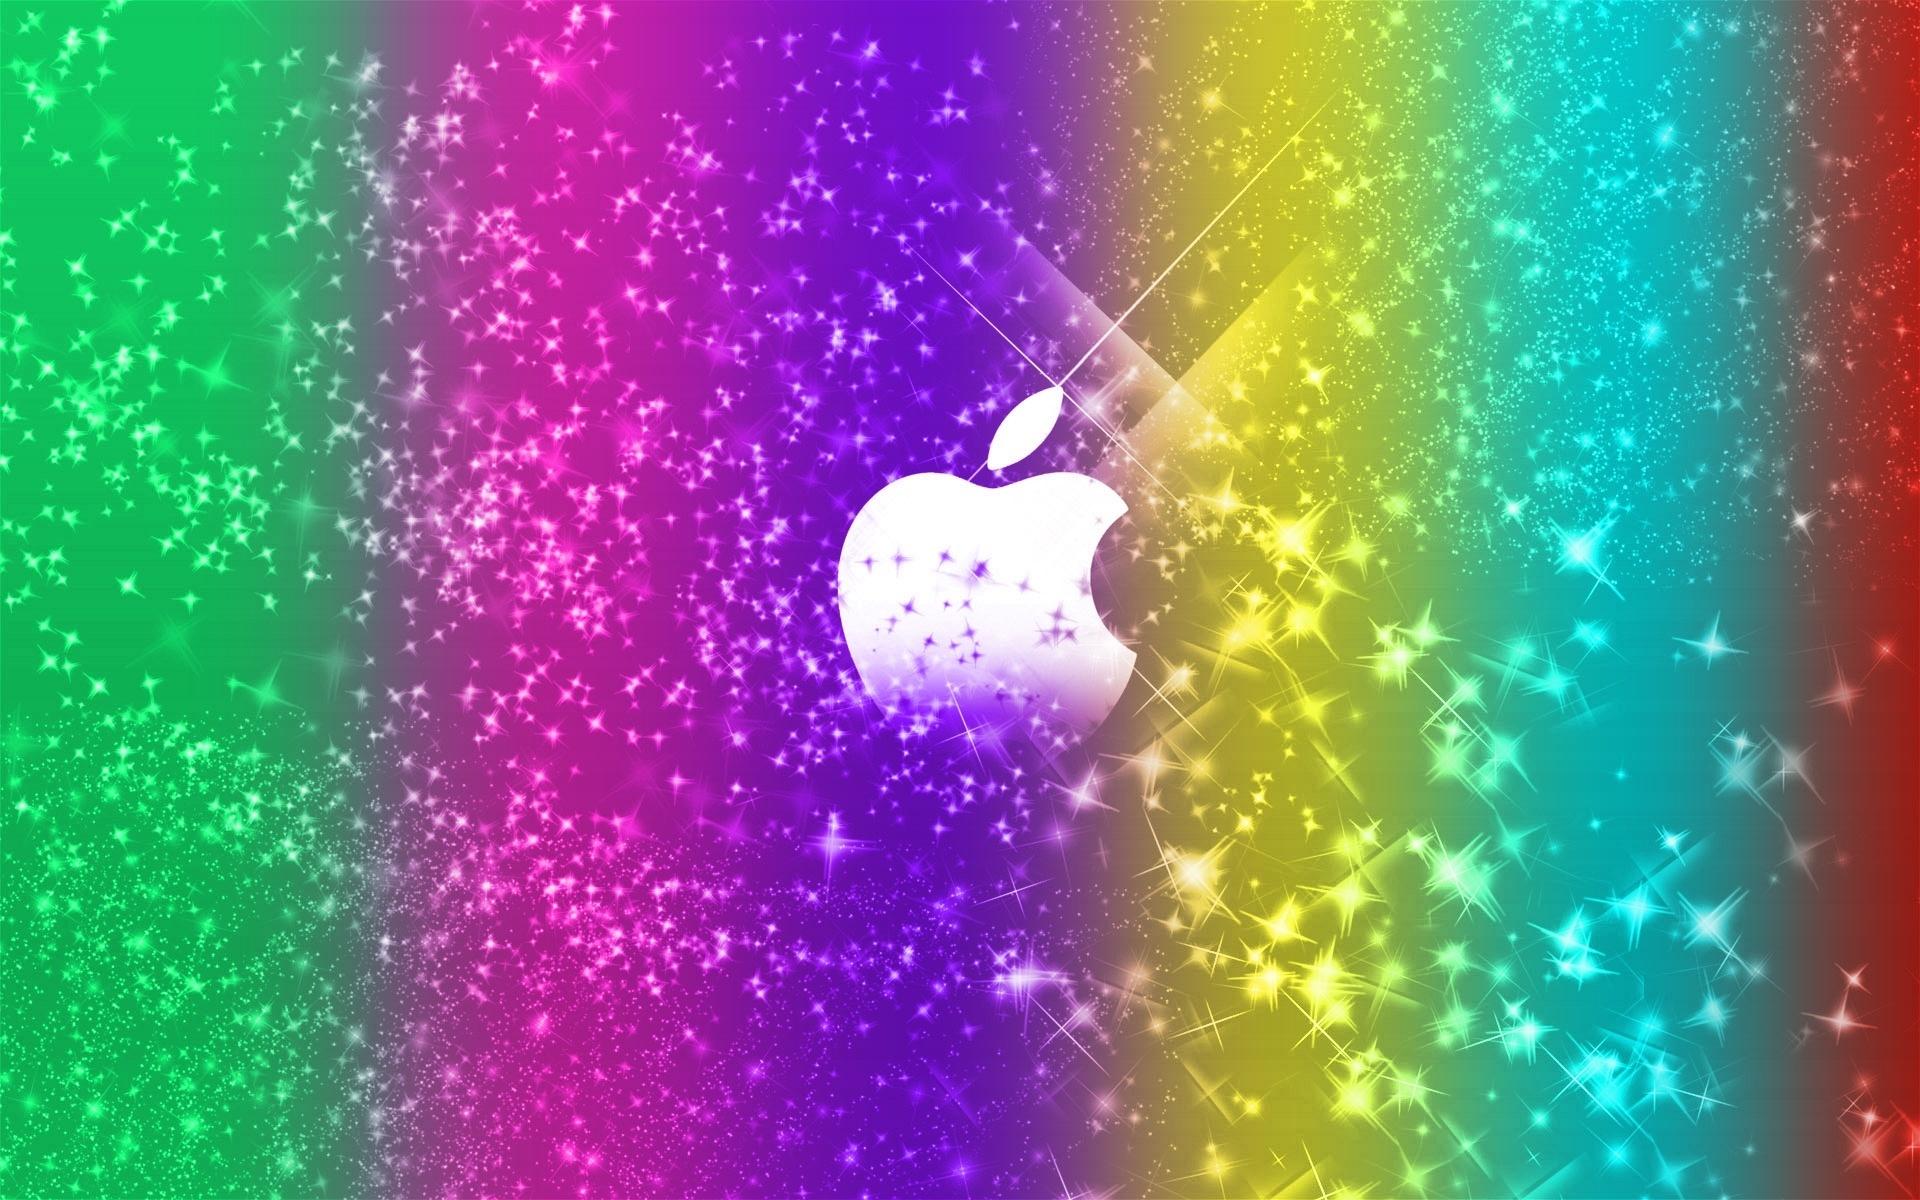 Apple Computer Wallpapers Desktop Backgrounds 1920x1200